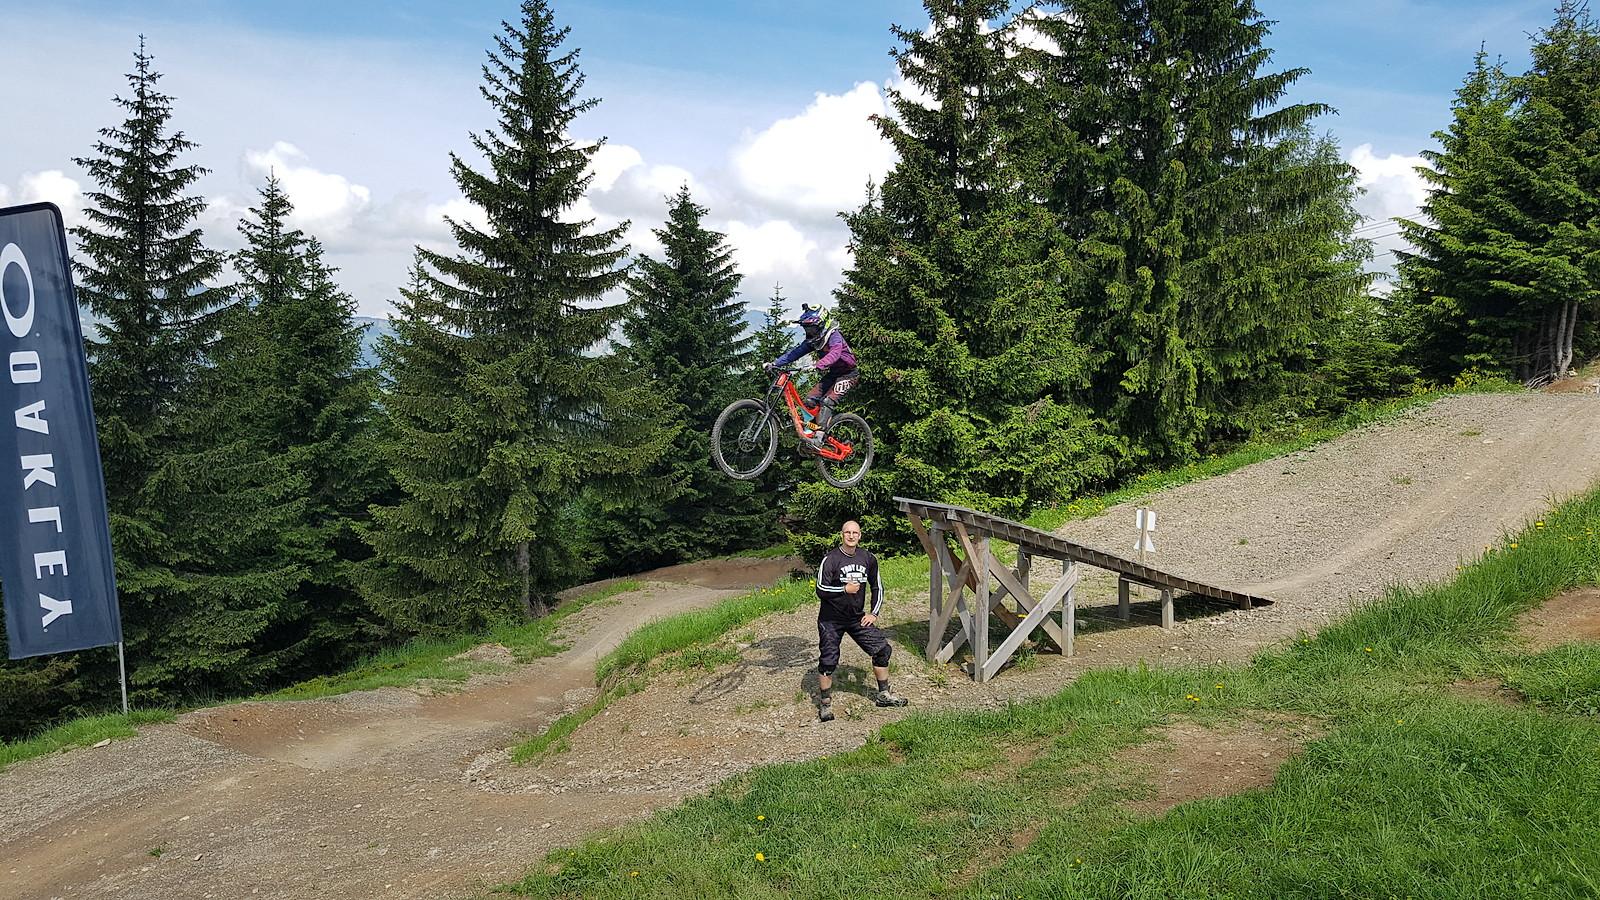 Milan Les Gets 1 - Milan_DH - Mountain Biking Pictures - Vital MTB